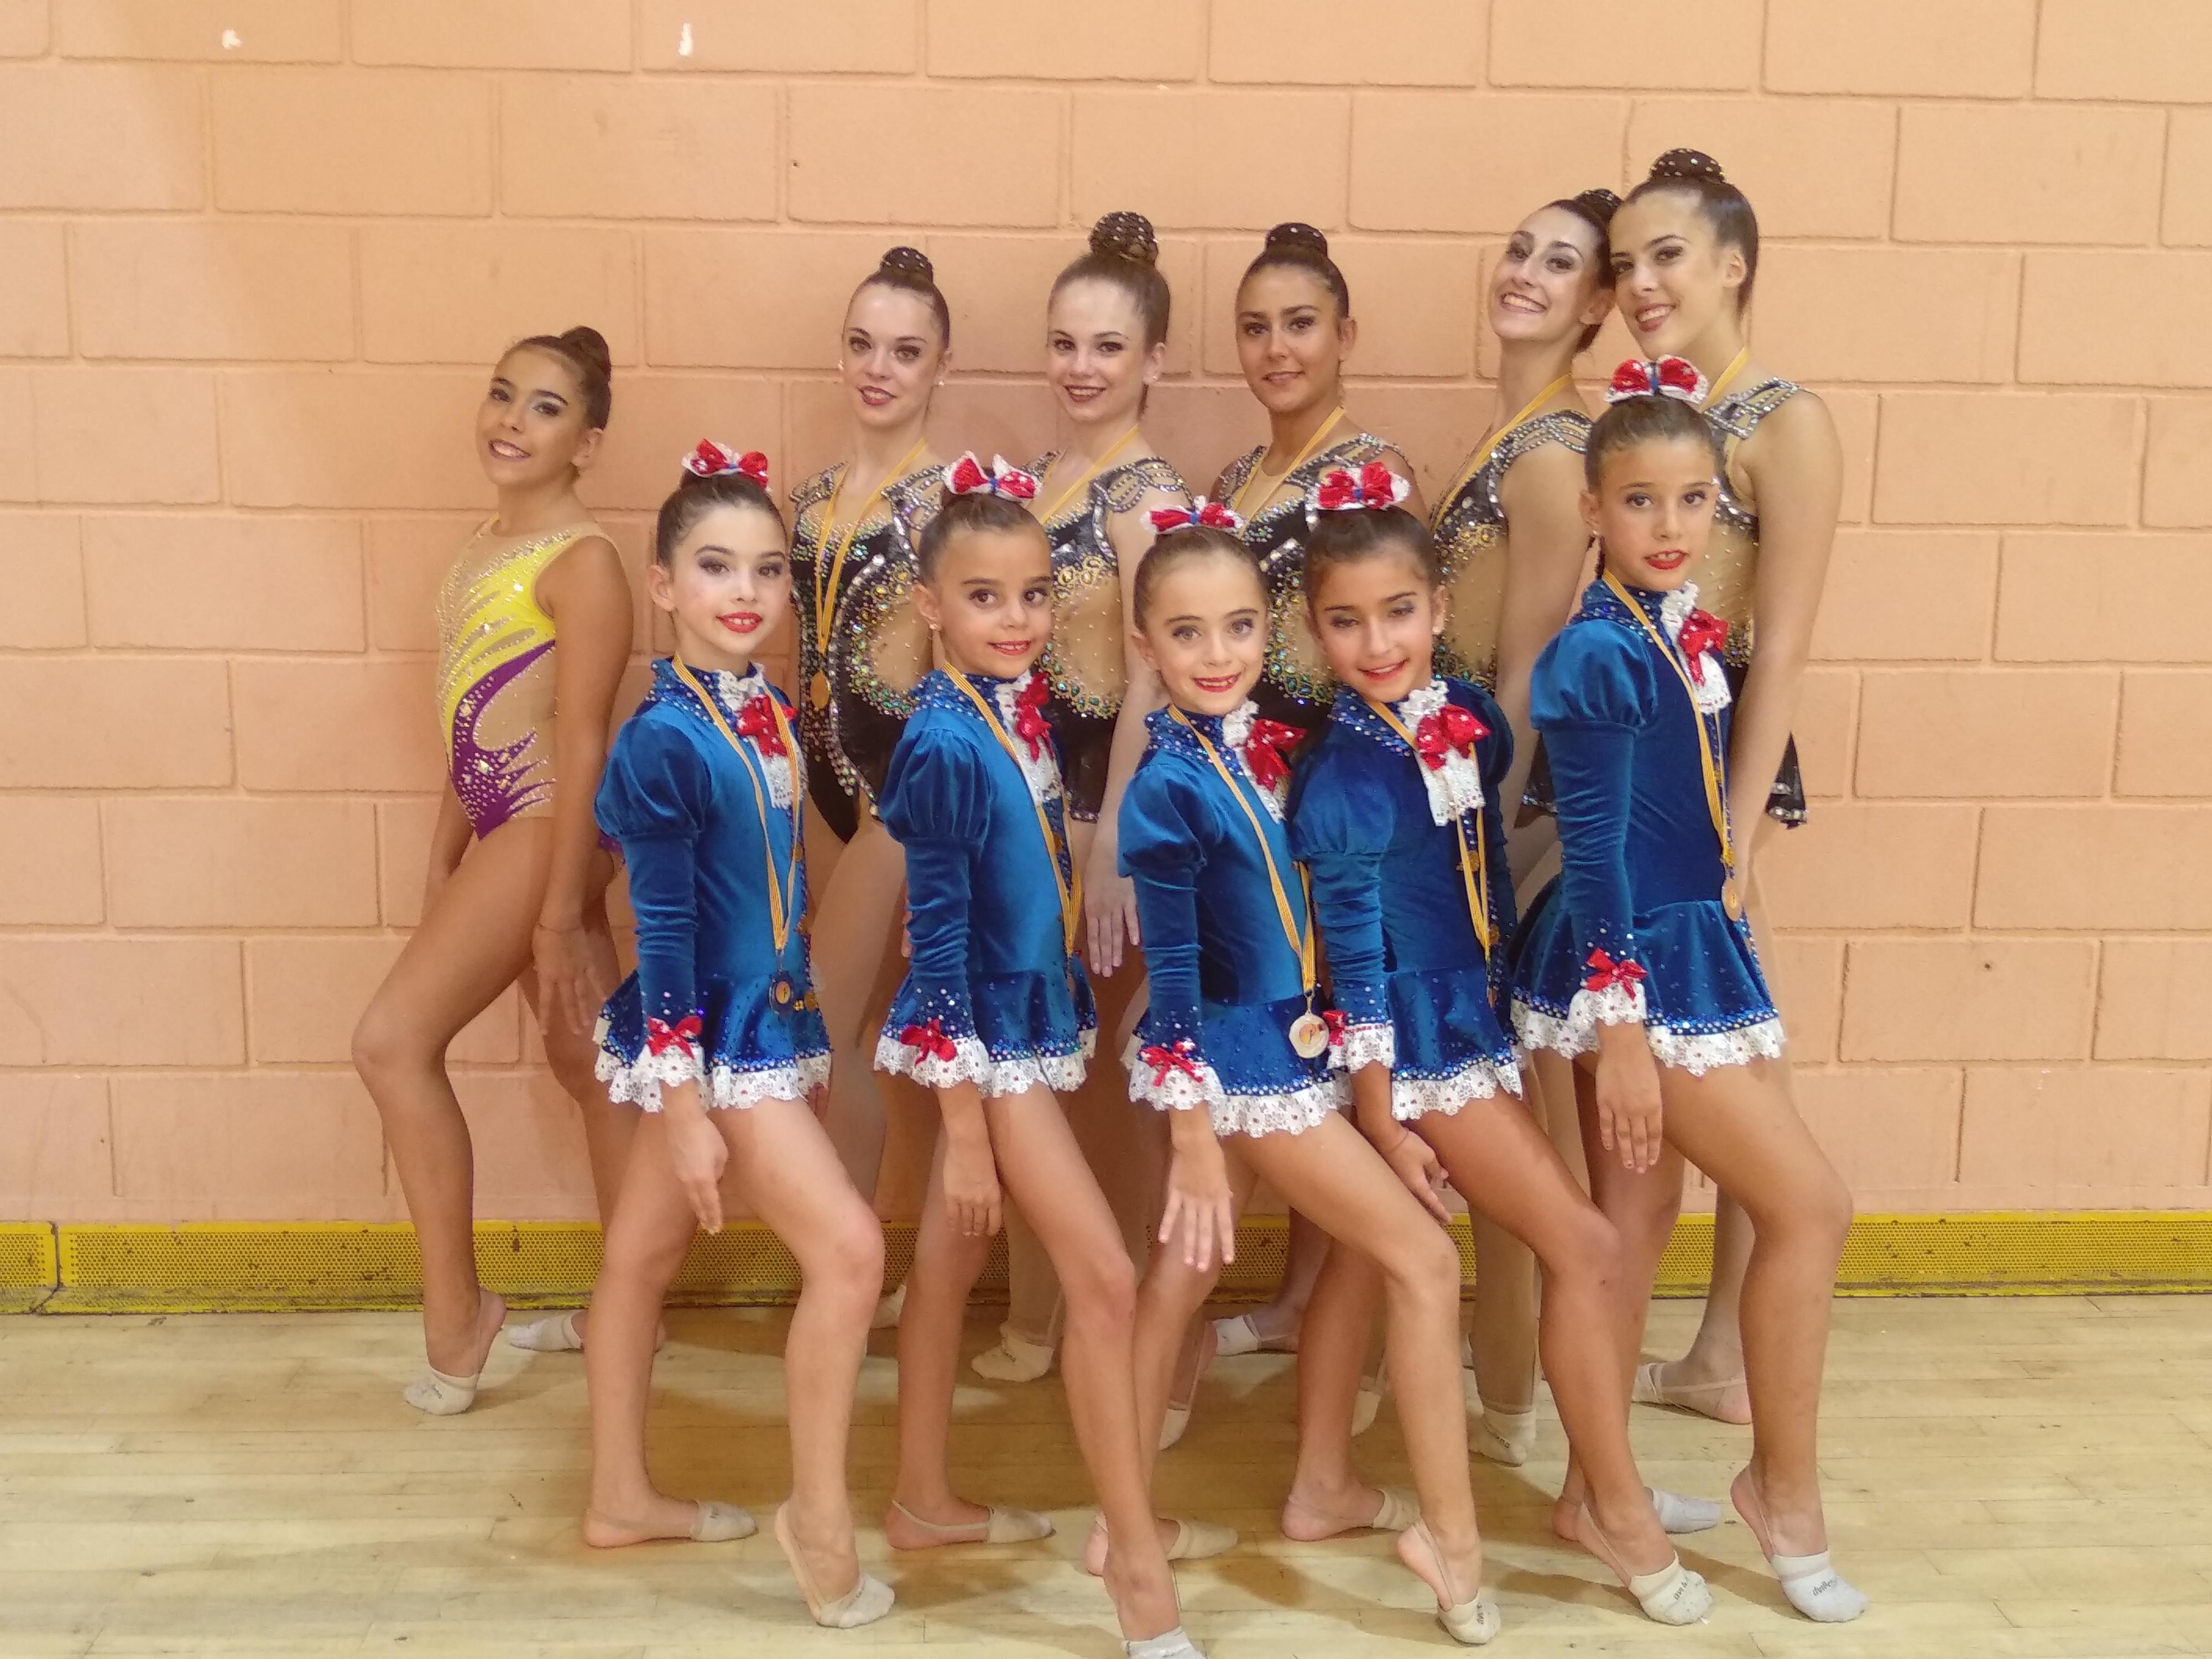 Las jóvenes gimnastas del club.